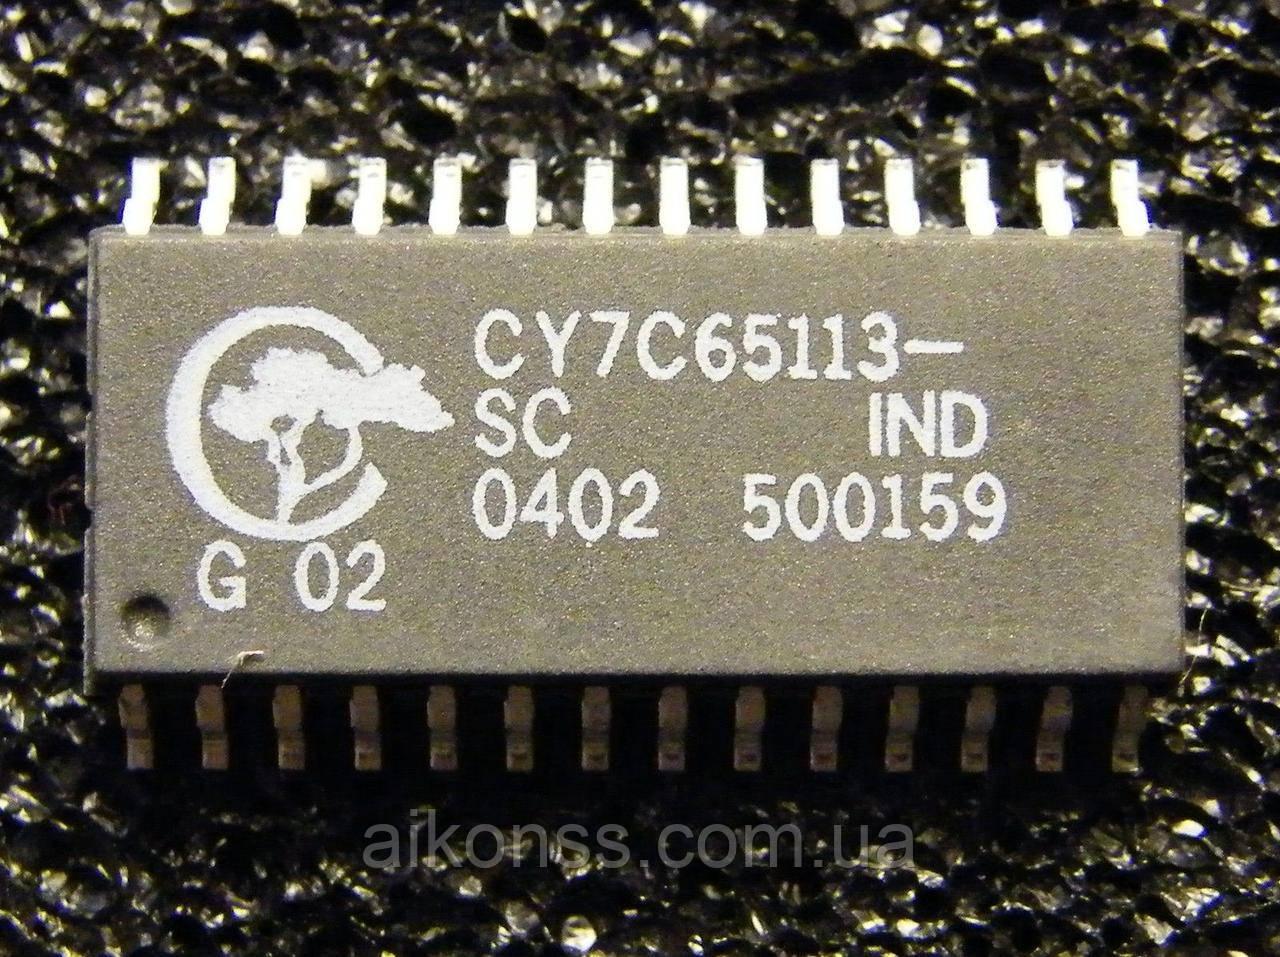 Мікросхема Для CAN CLIP RLT2002 - CY7C65113-SC CYPRESS USB HUB прошиті з заводу .